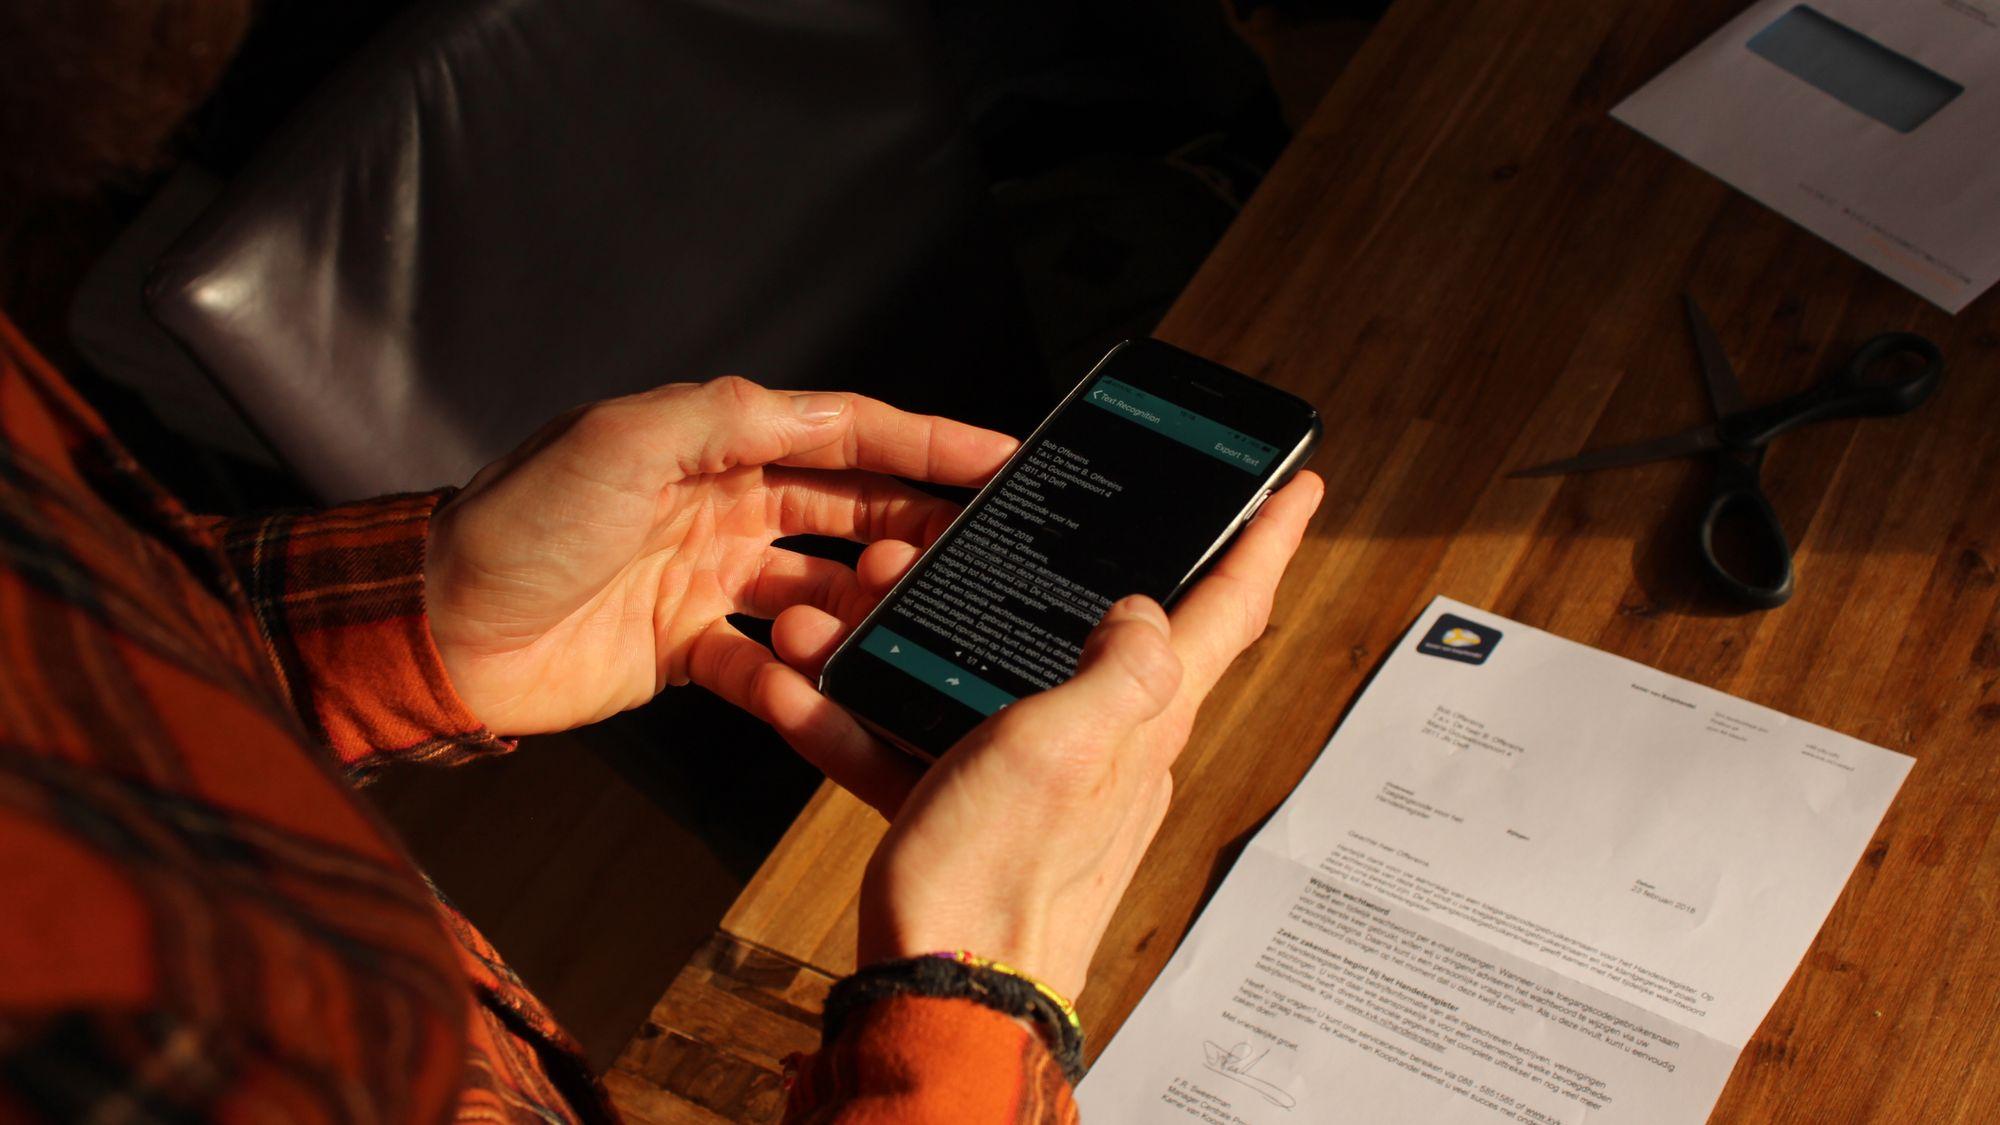 Άνθρωπος κρατάει κινητό και βγάζει φωτογραφία κάποια χαρτιά